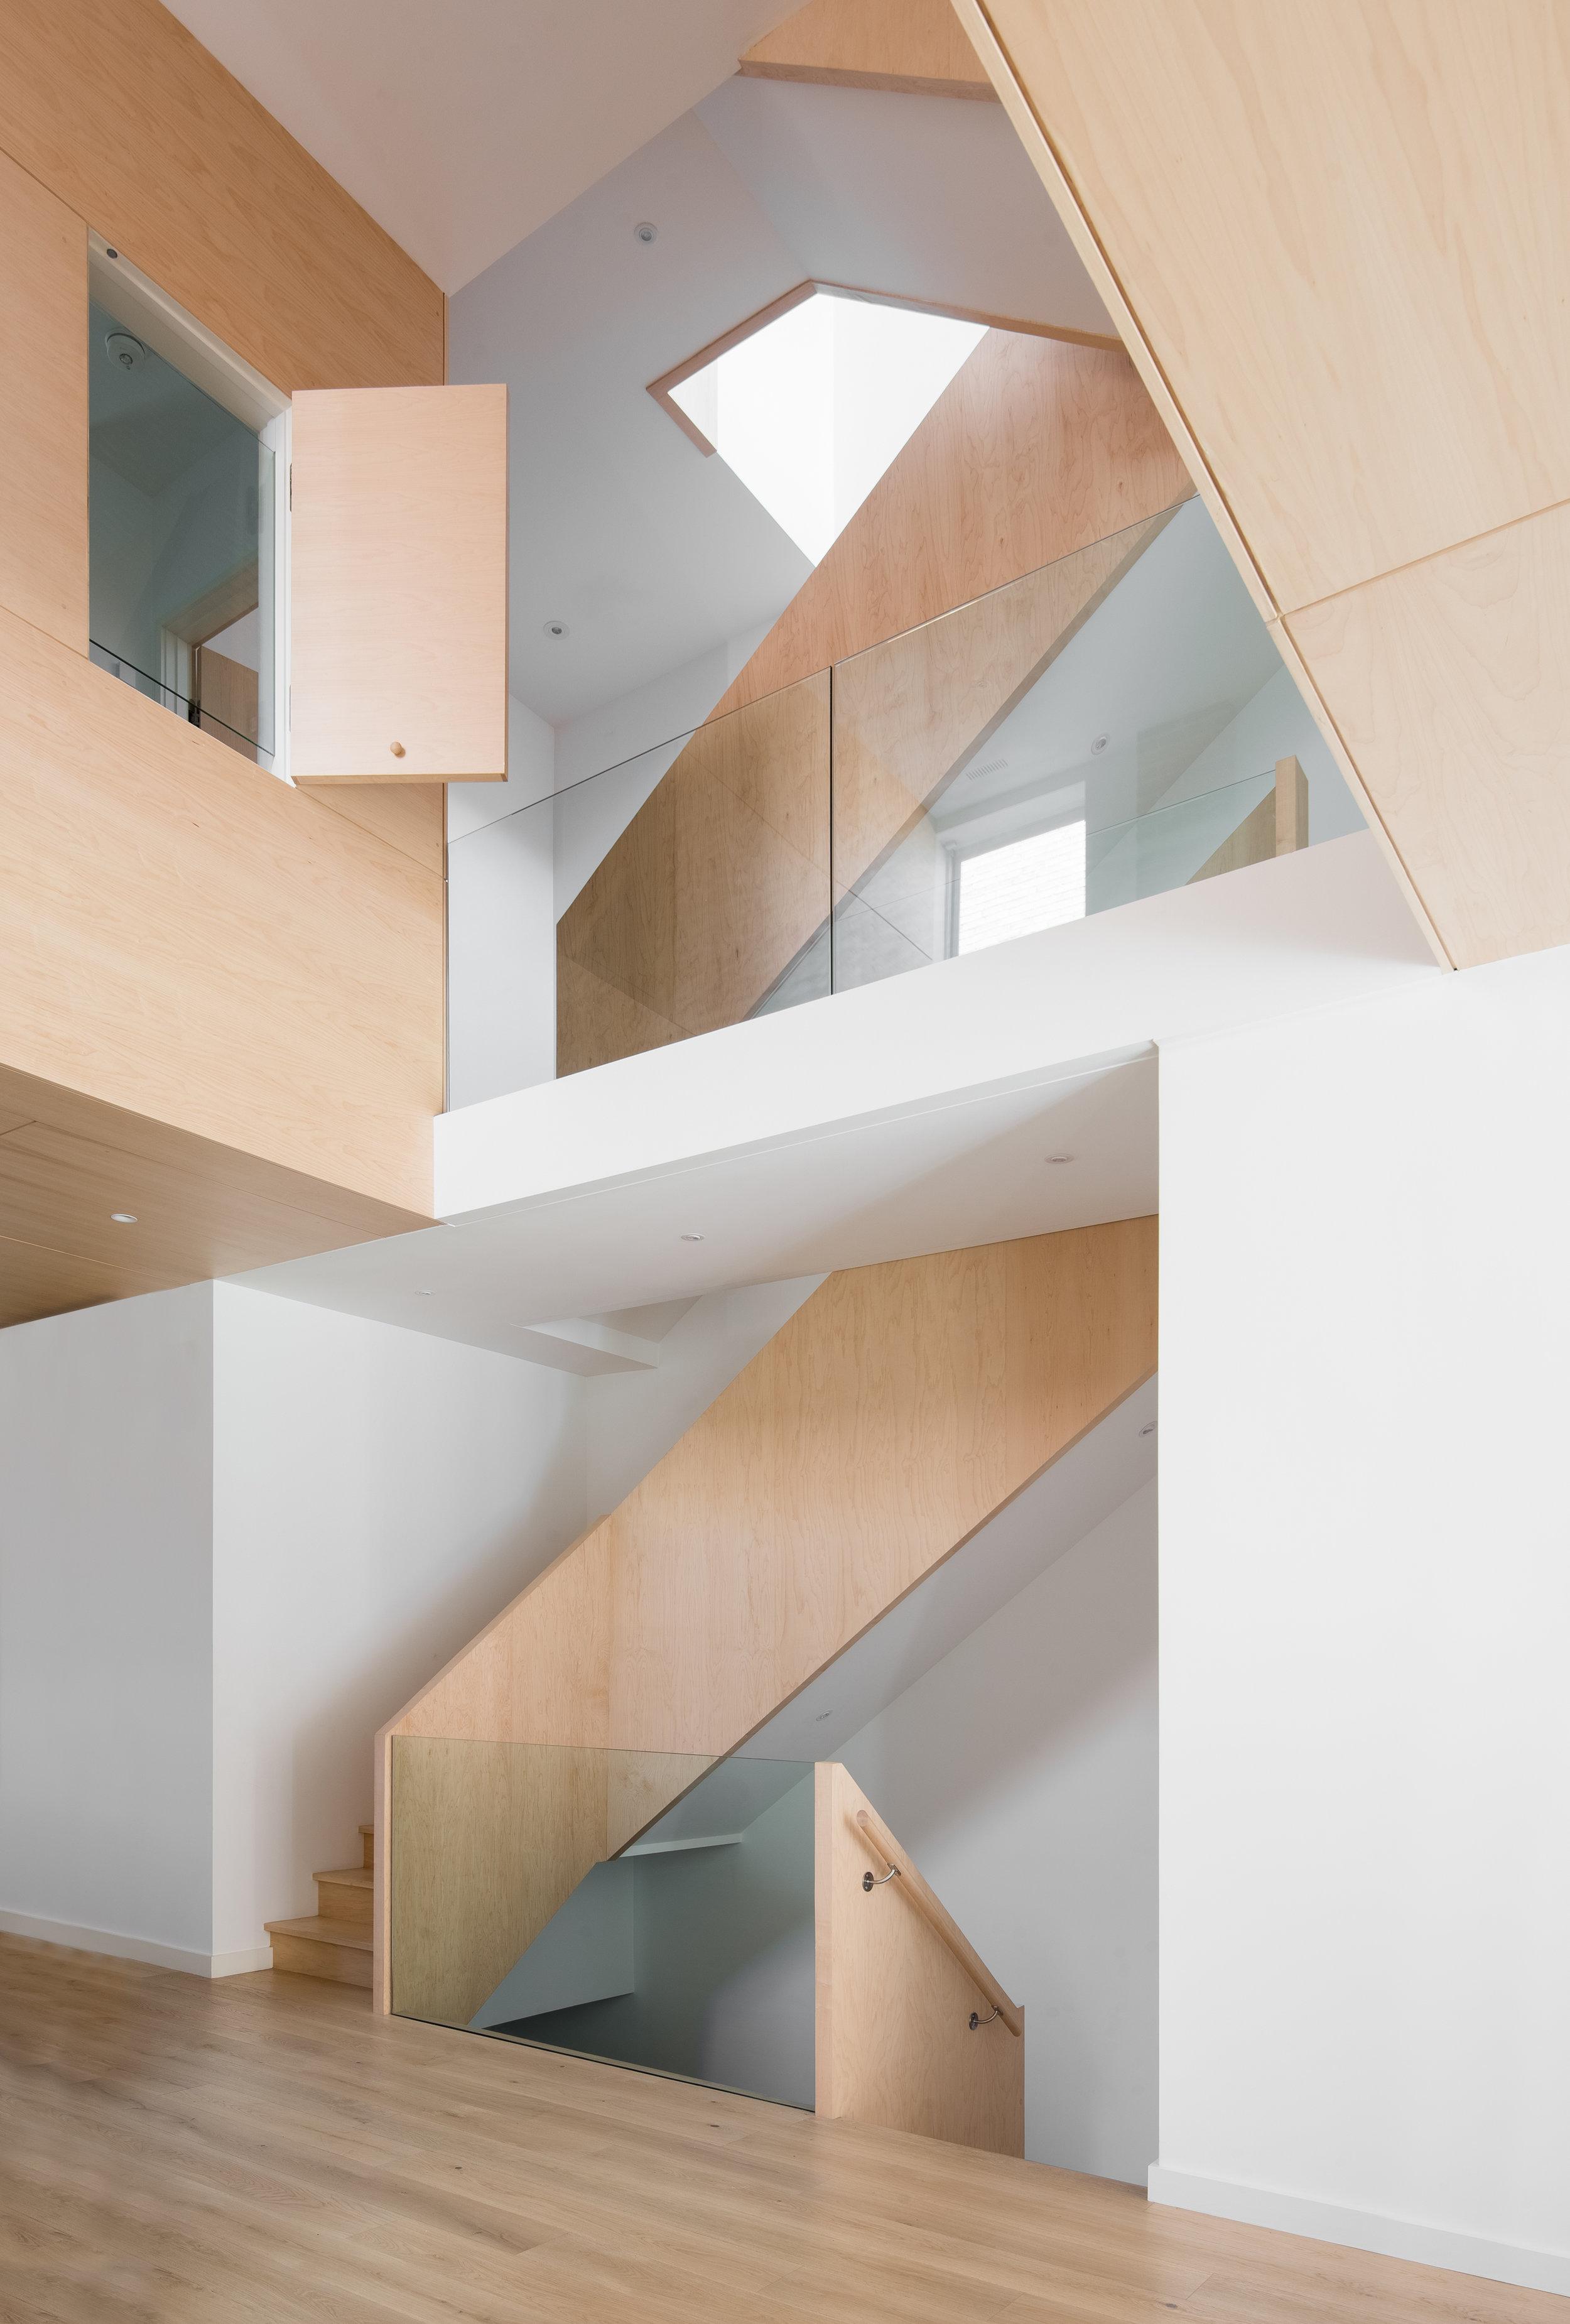 01 Stairs.jpg